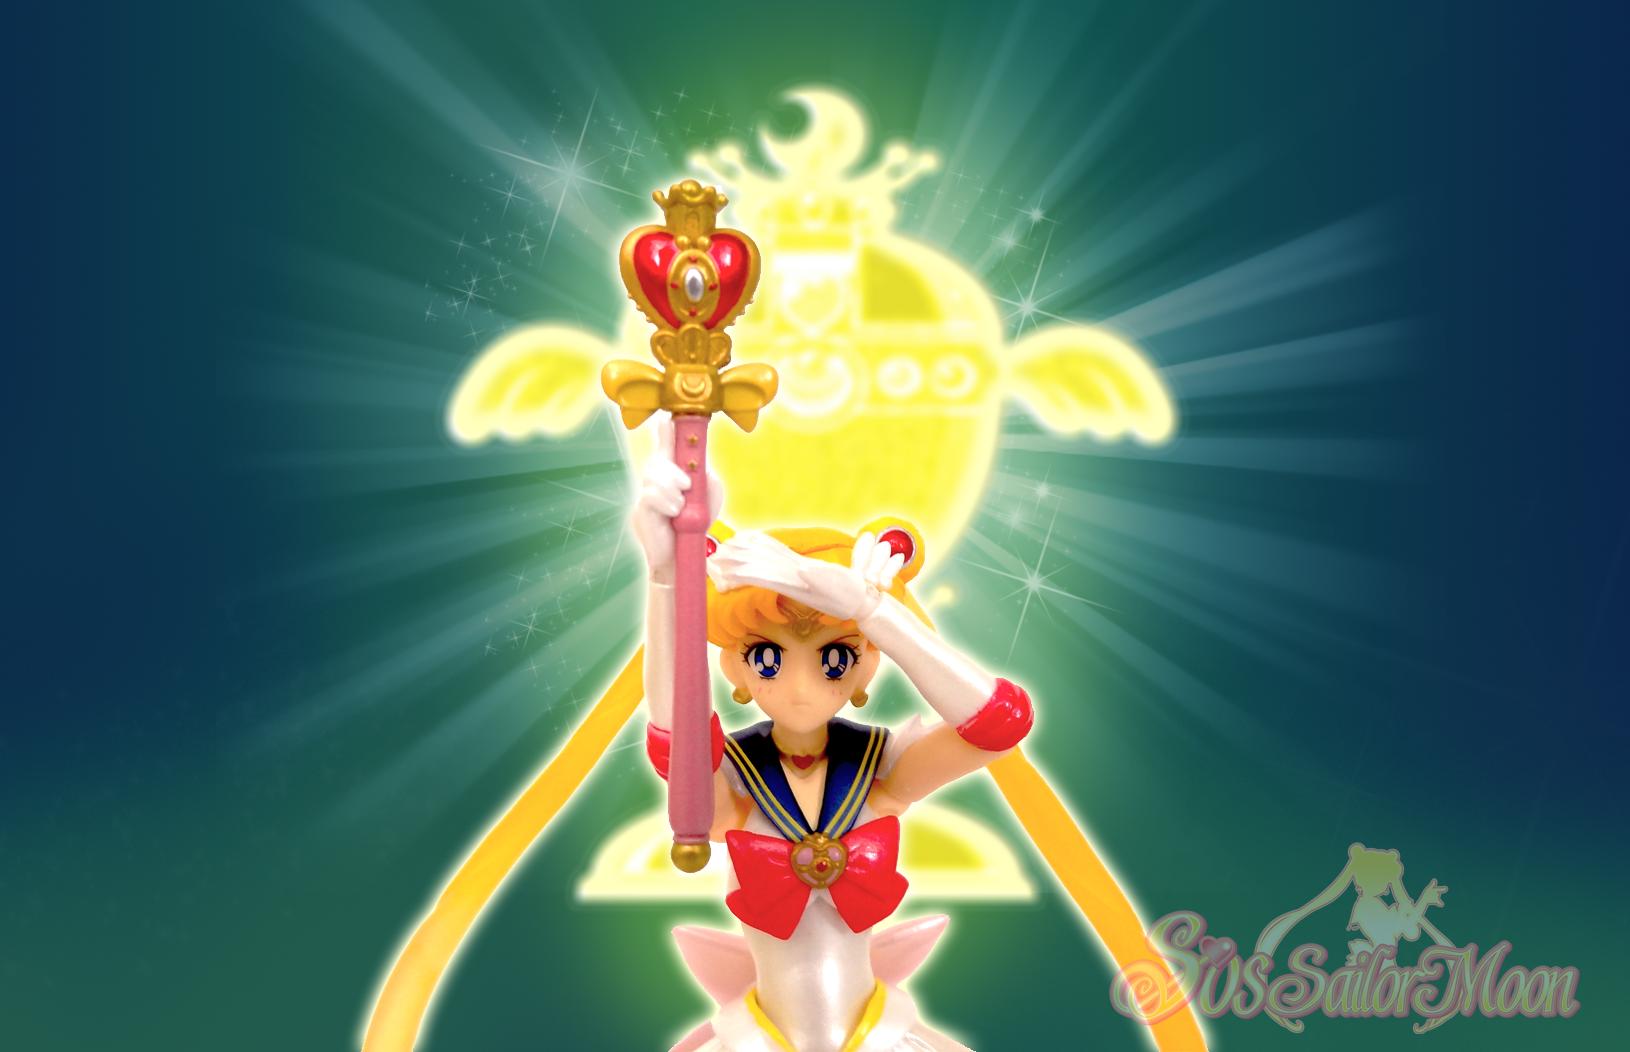 figuarts-super-sailor-moon-07